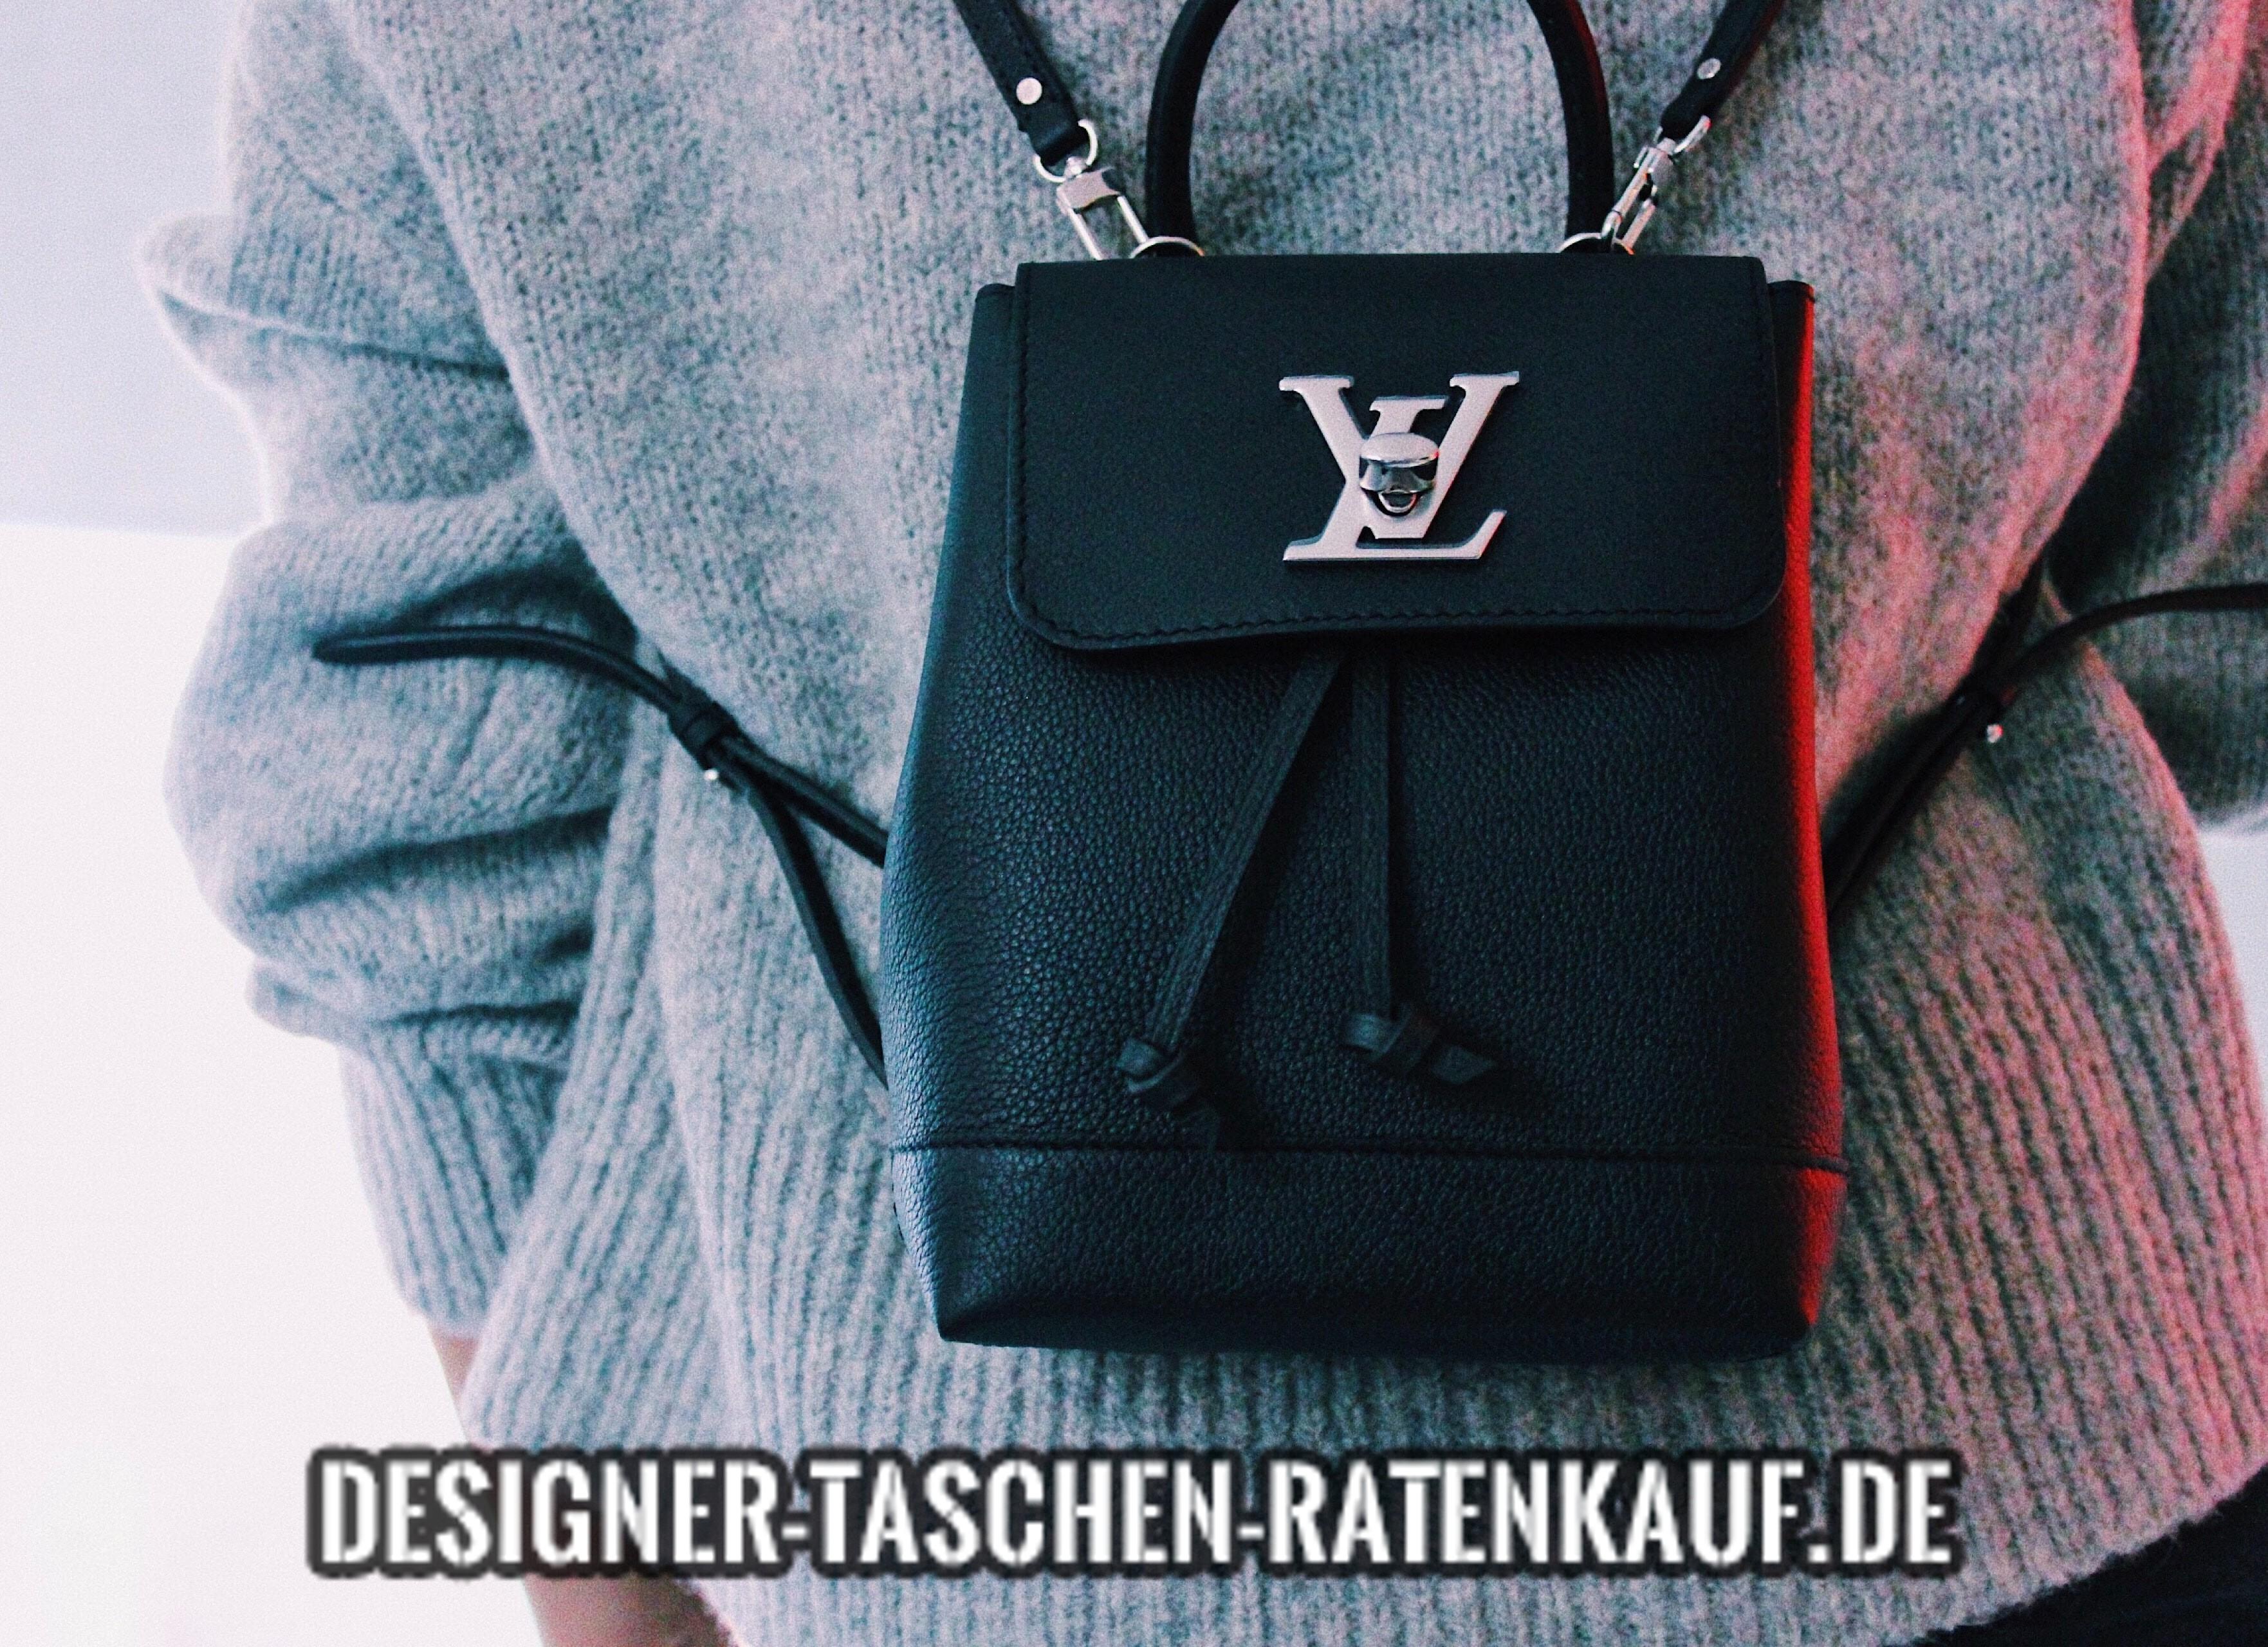 LV Taschen Ratenzahlung